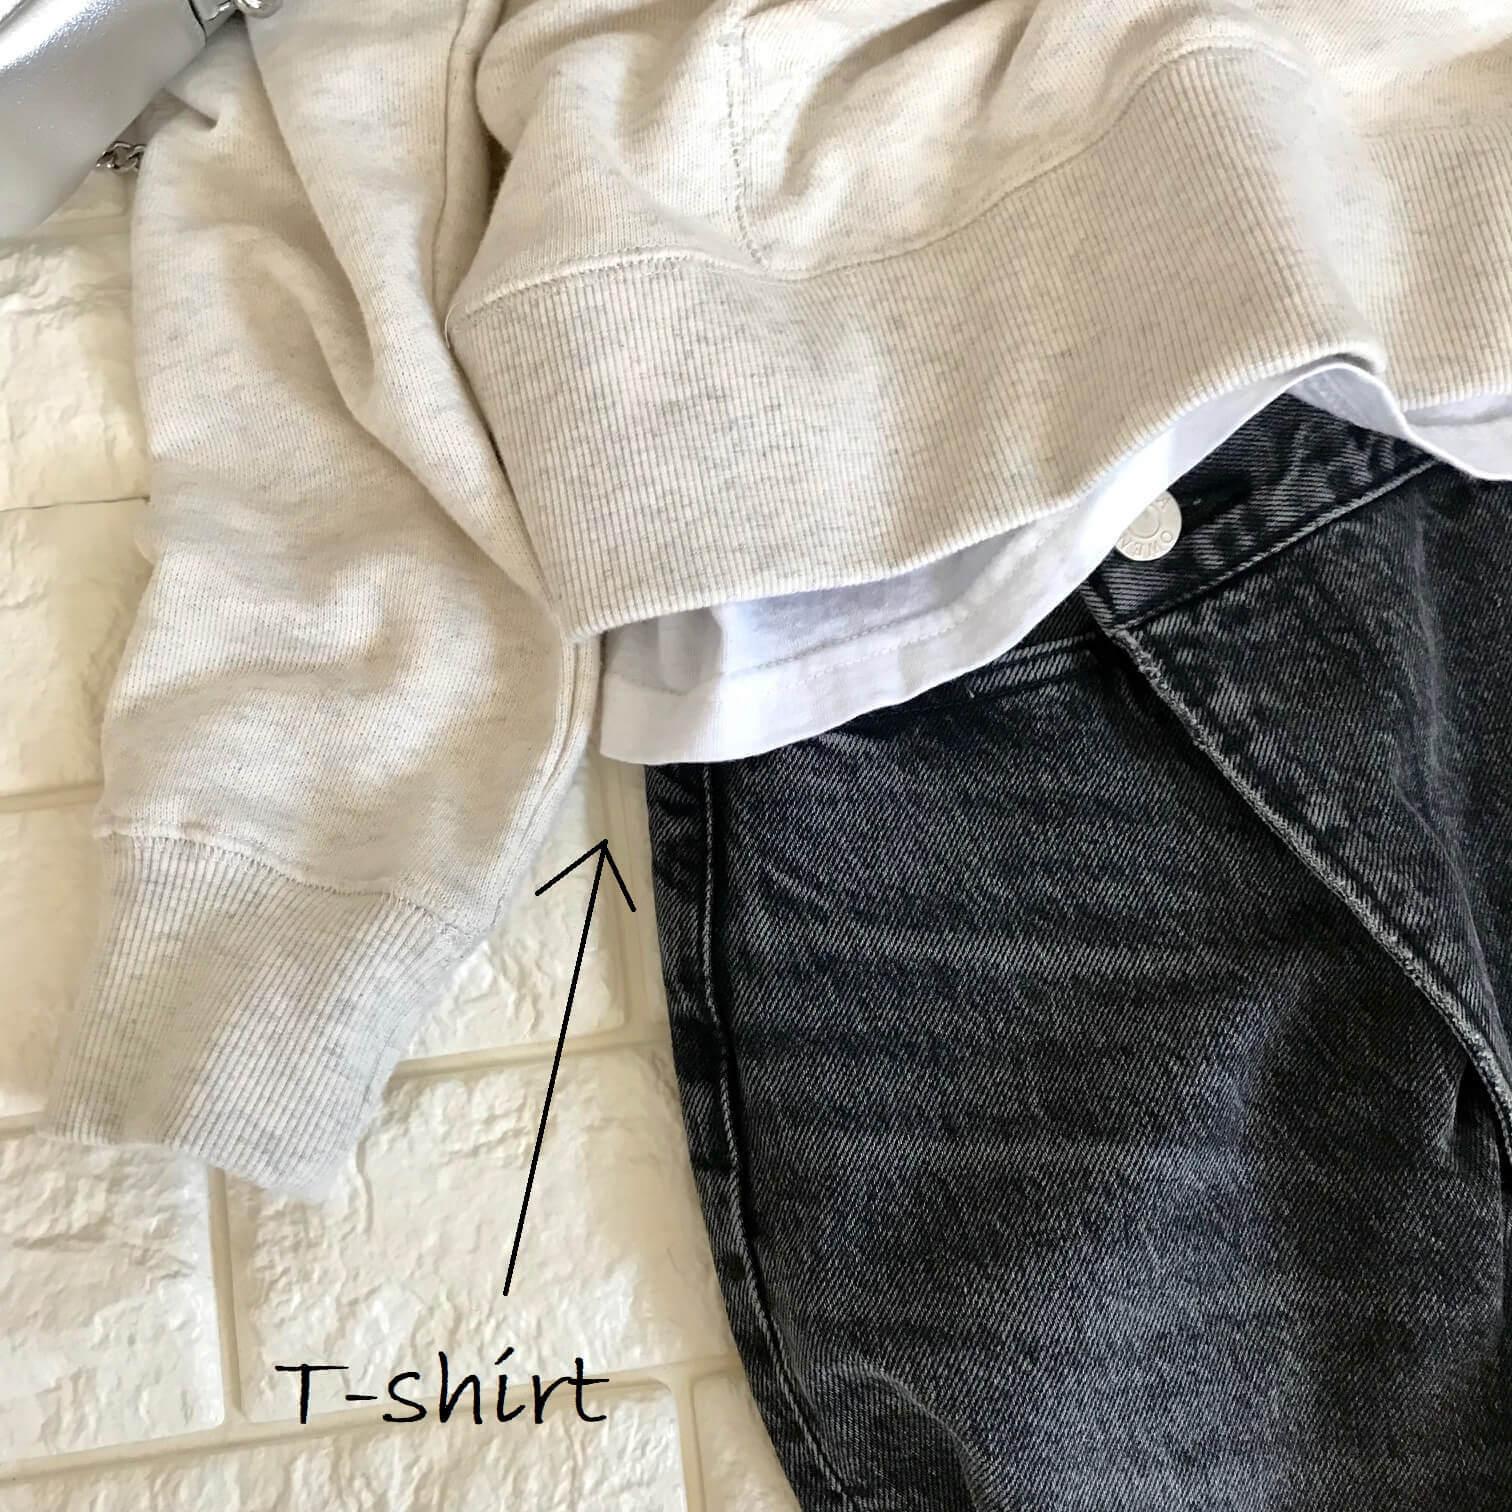 アメリカンホリックのパーカーとTシャツの重ね着画像